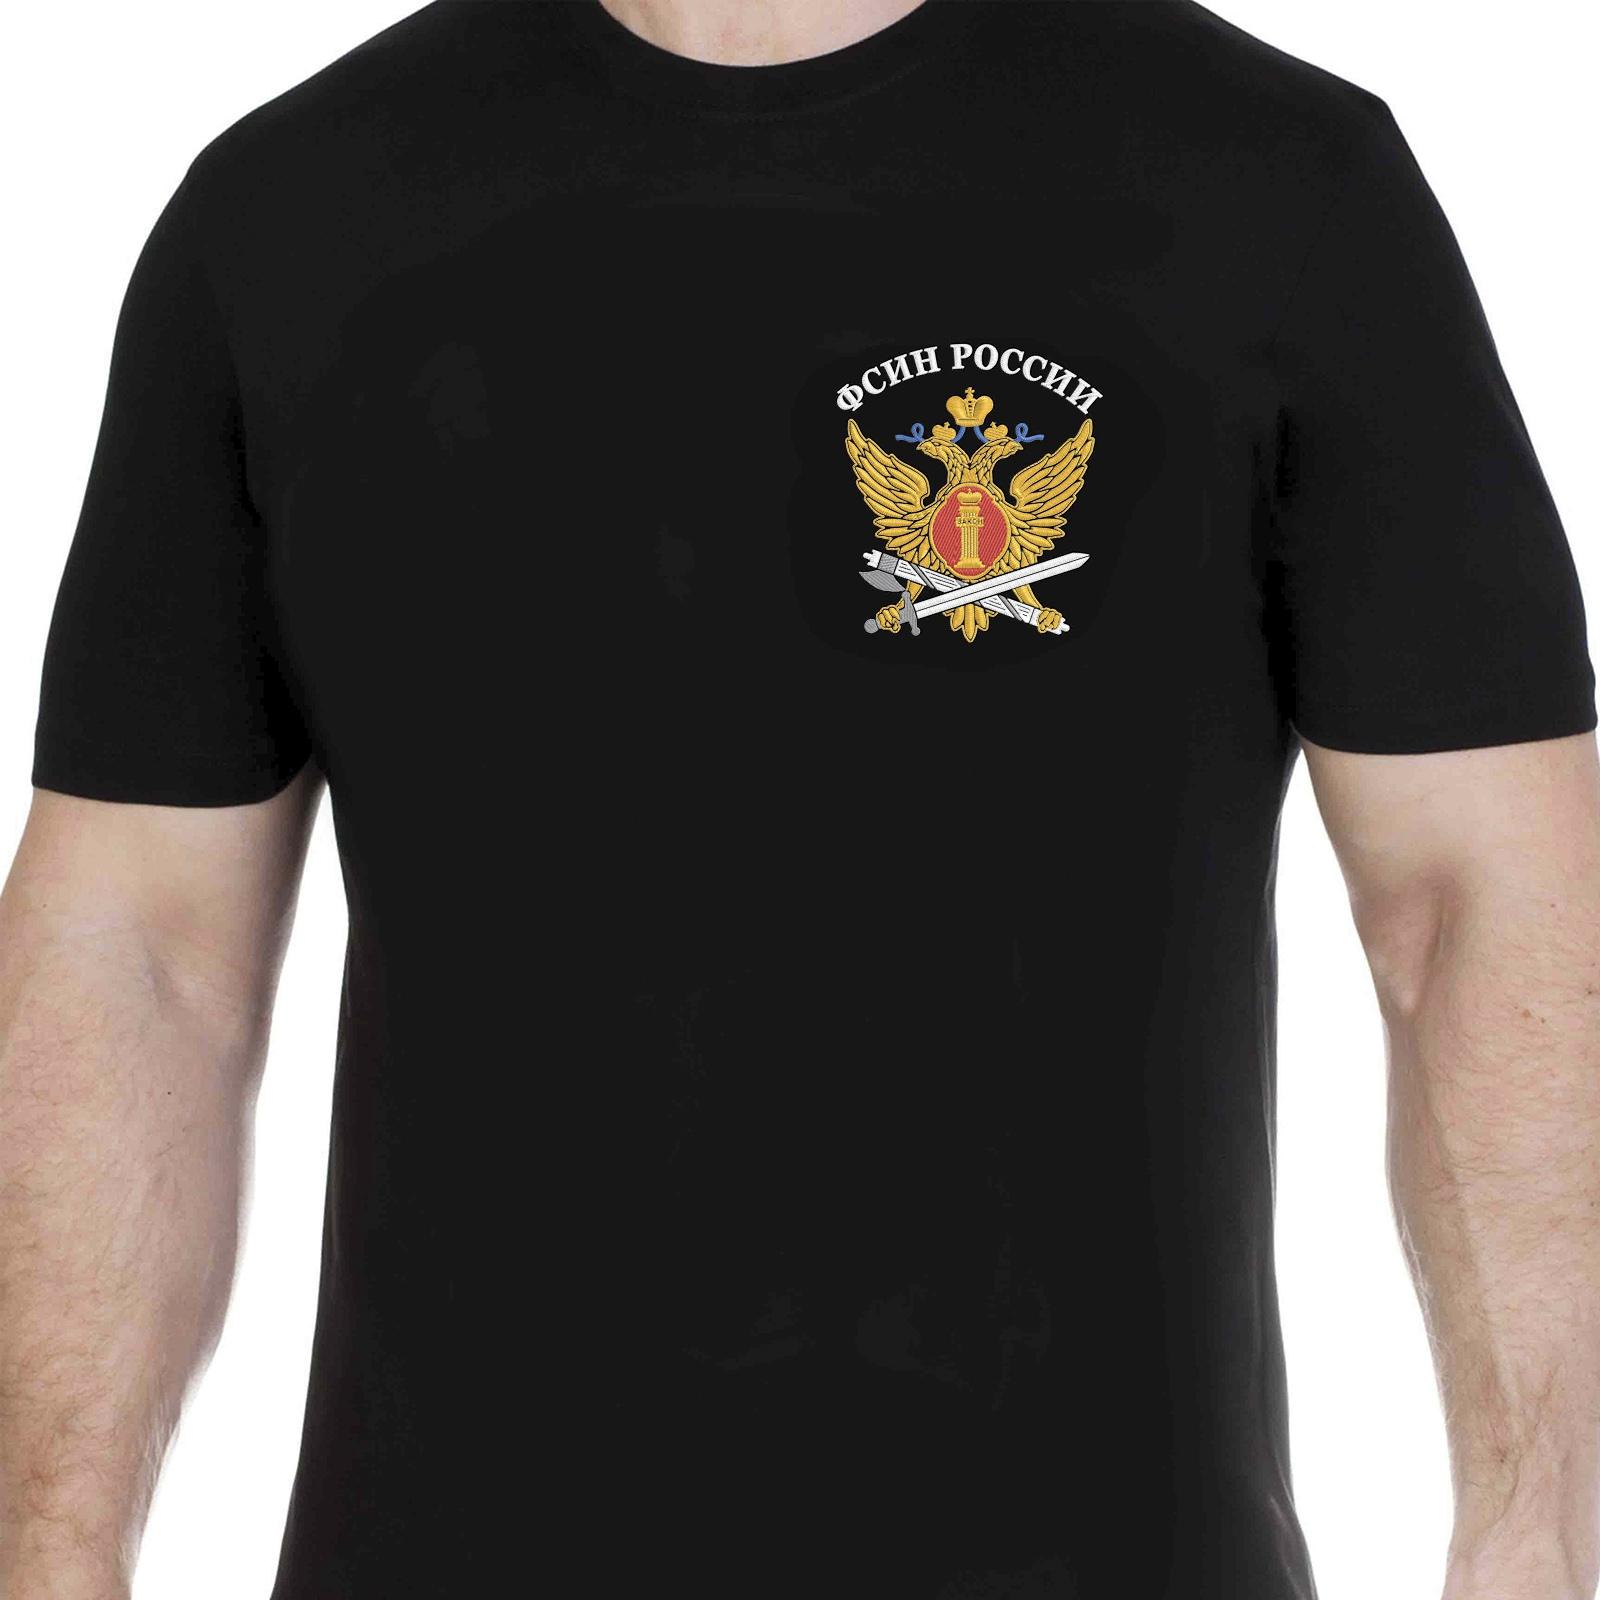 Футболка с гербом ФСИН России